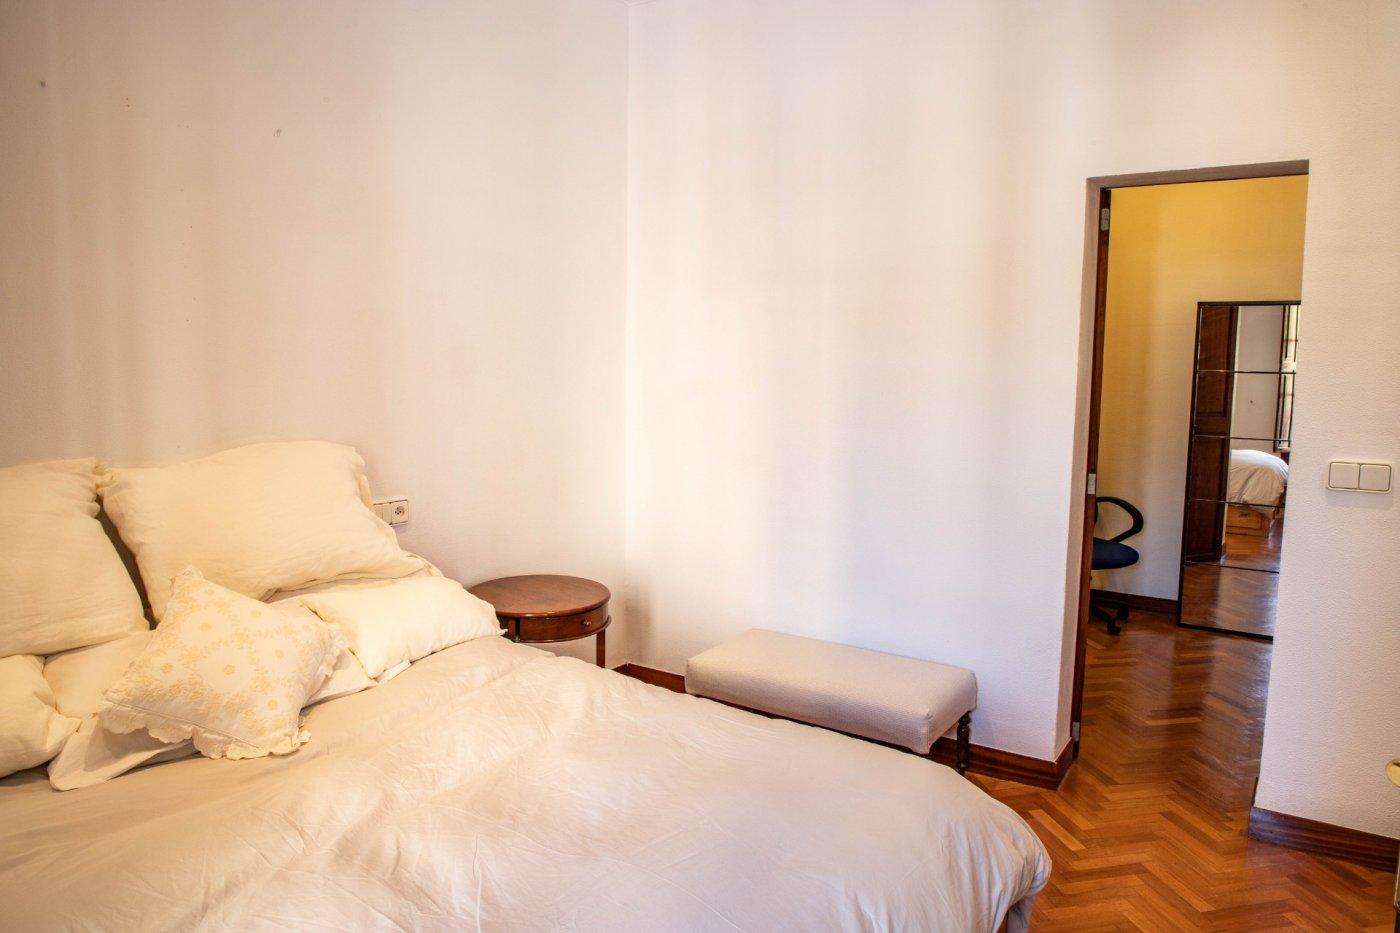 Primer piso con terrado privado en santa catalina - imagenInmueble23